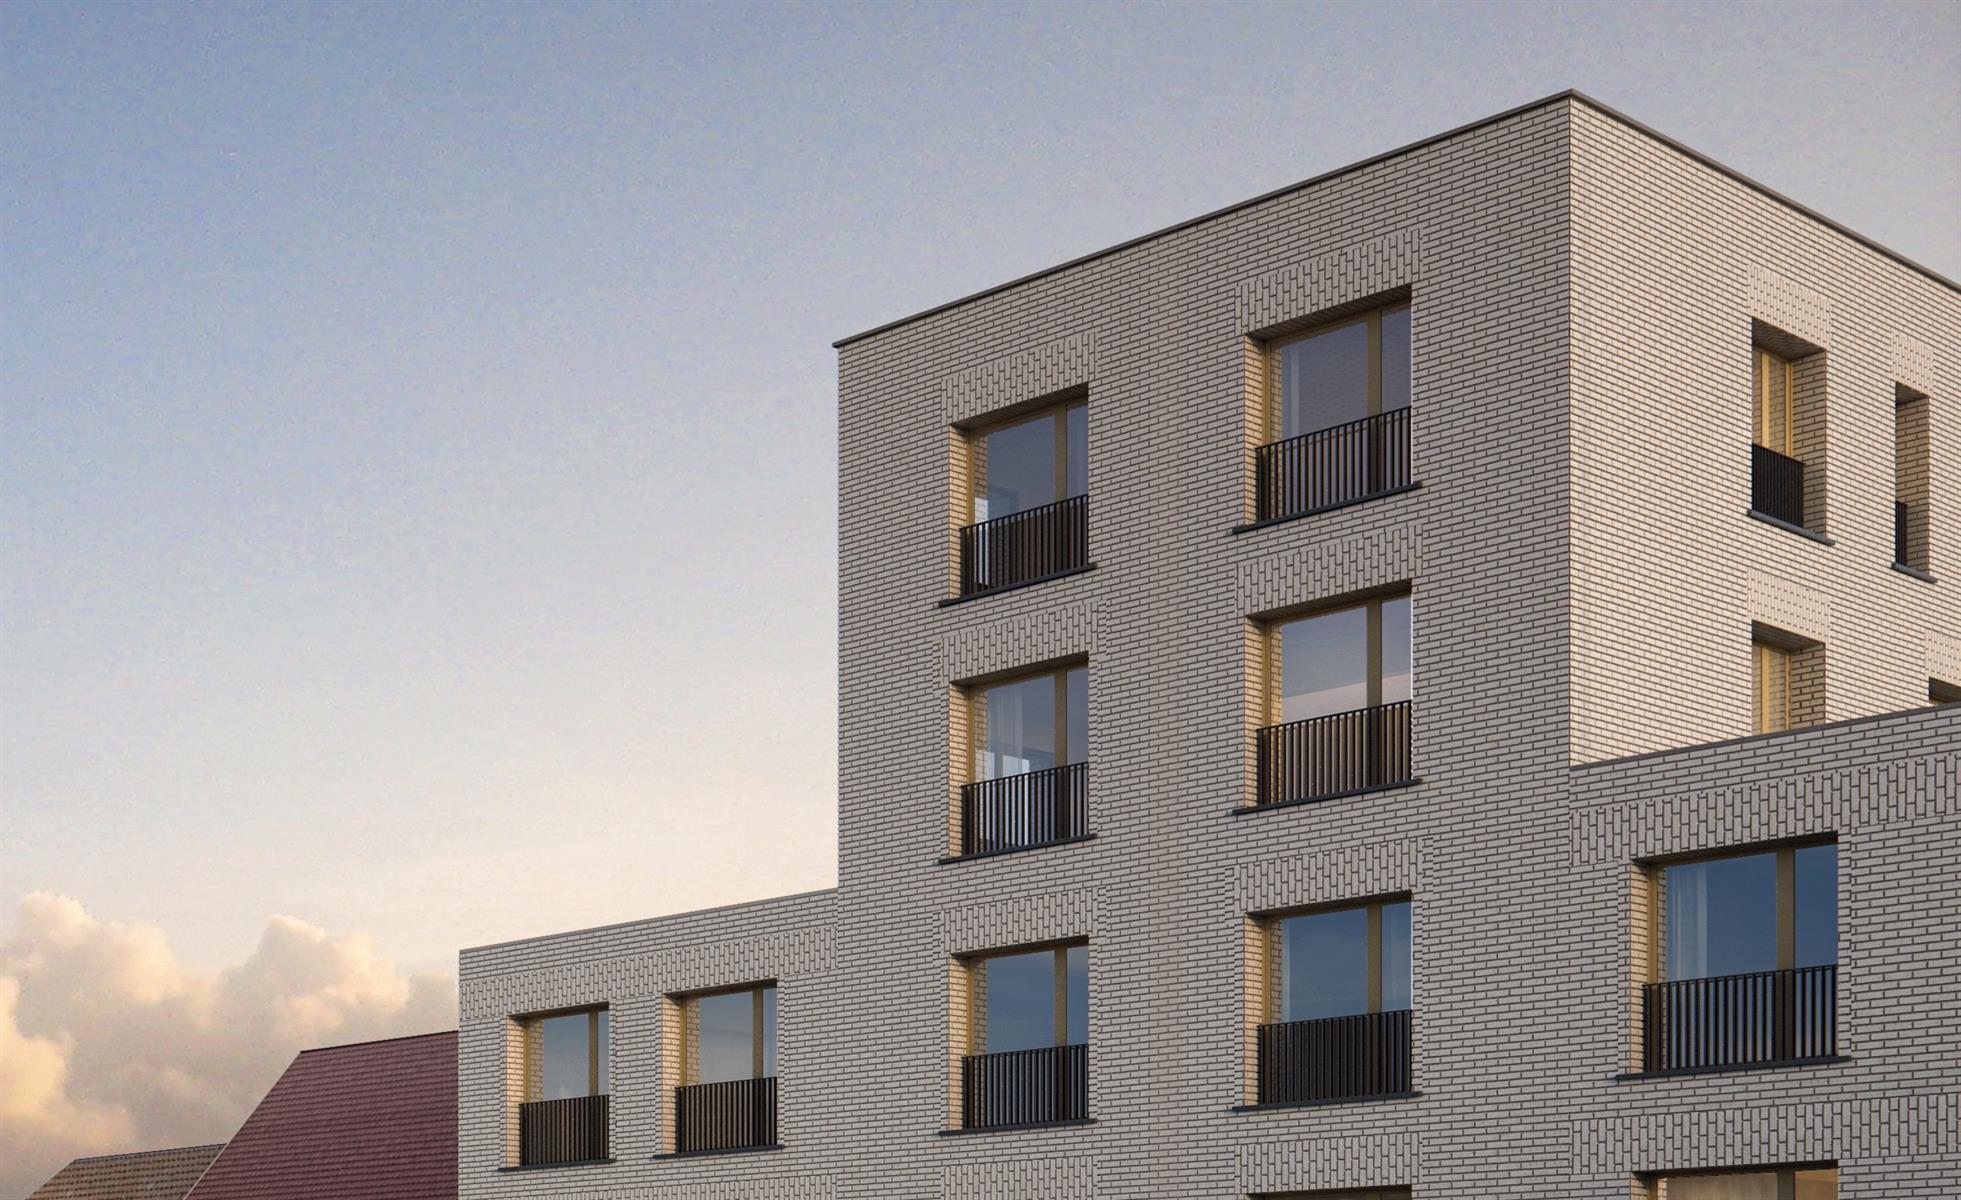 Te koop, Appartement, Deinze, AP 1.5 - Pakhuis - Appartement